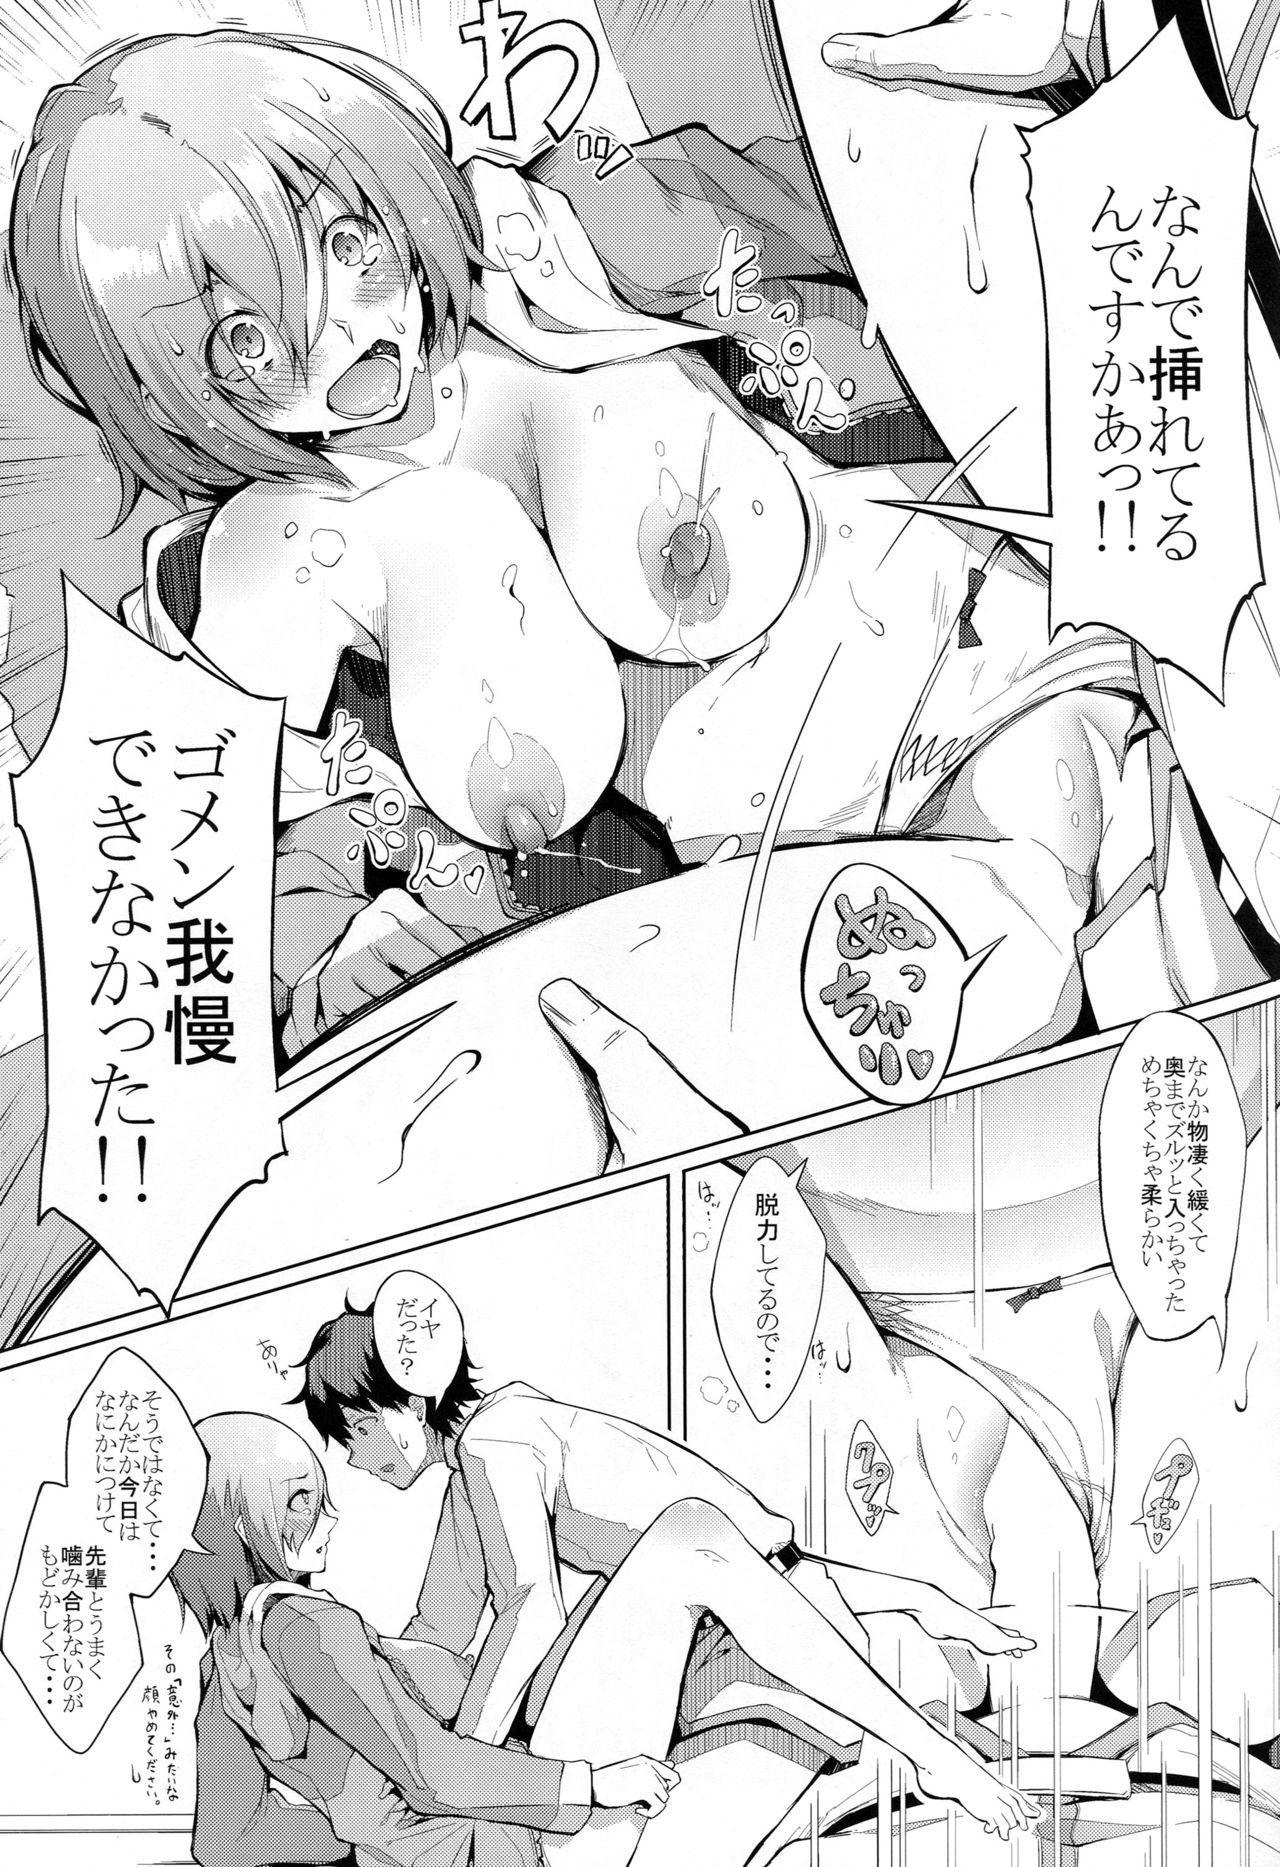 Oppai wa Dai-2 Skill no Aji ga Suru 15